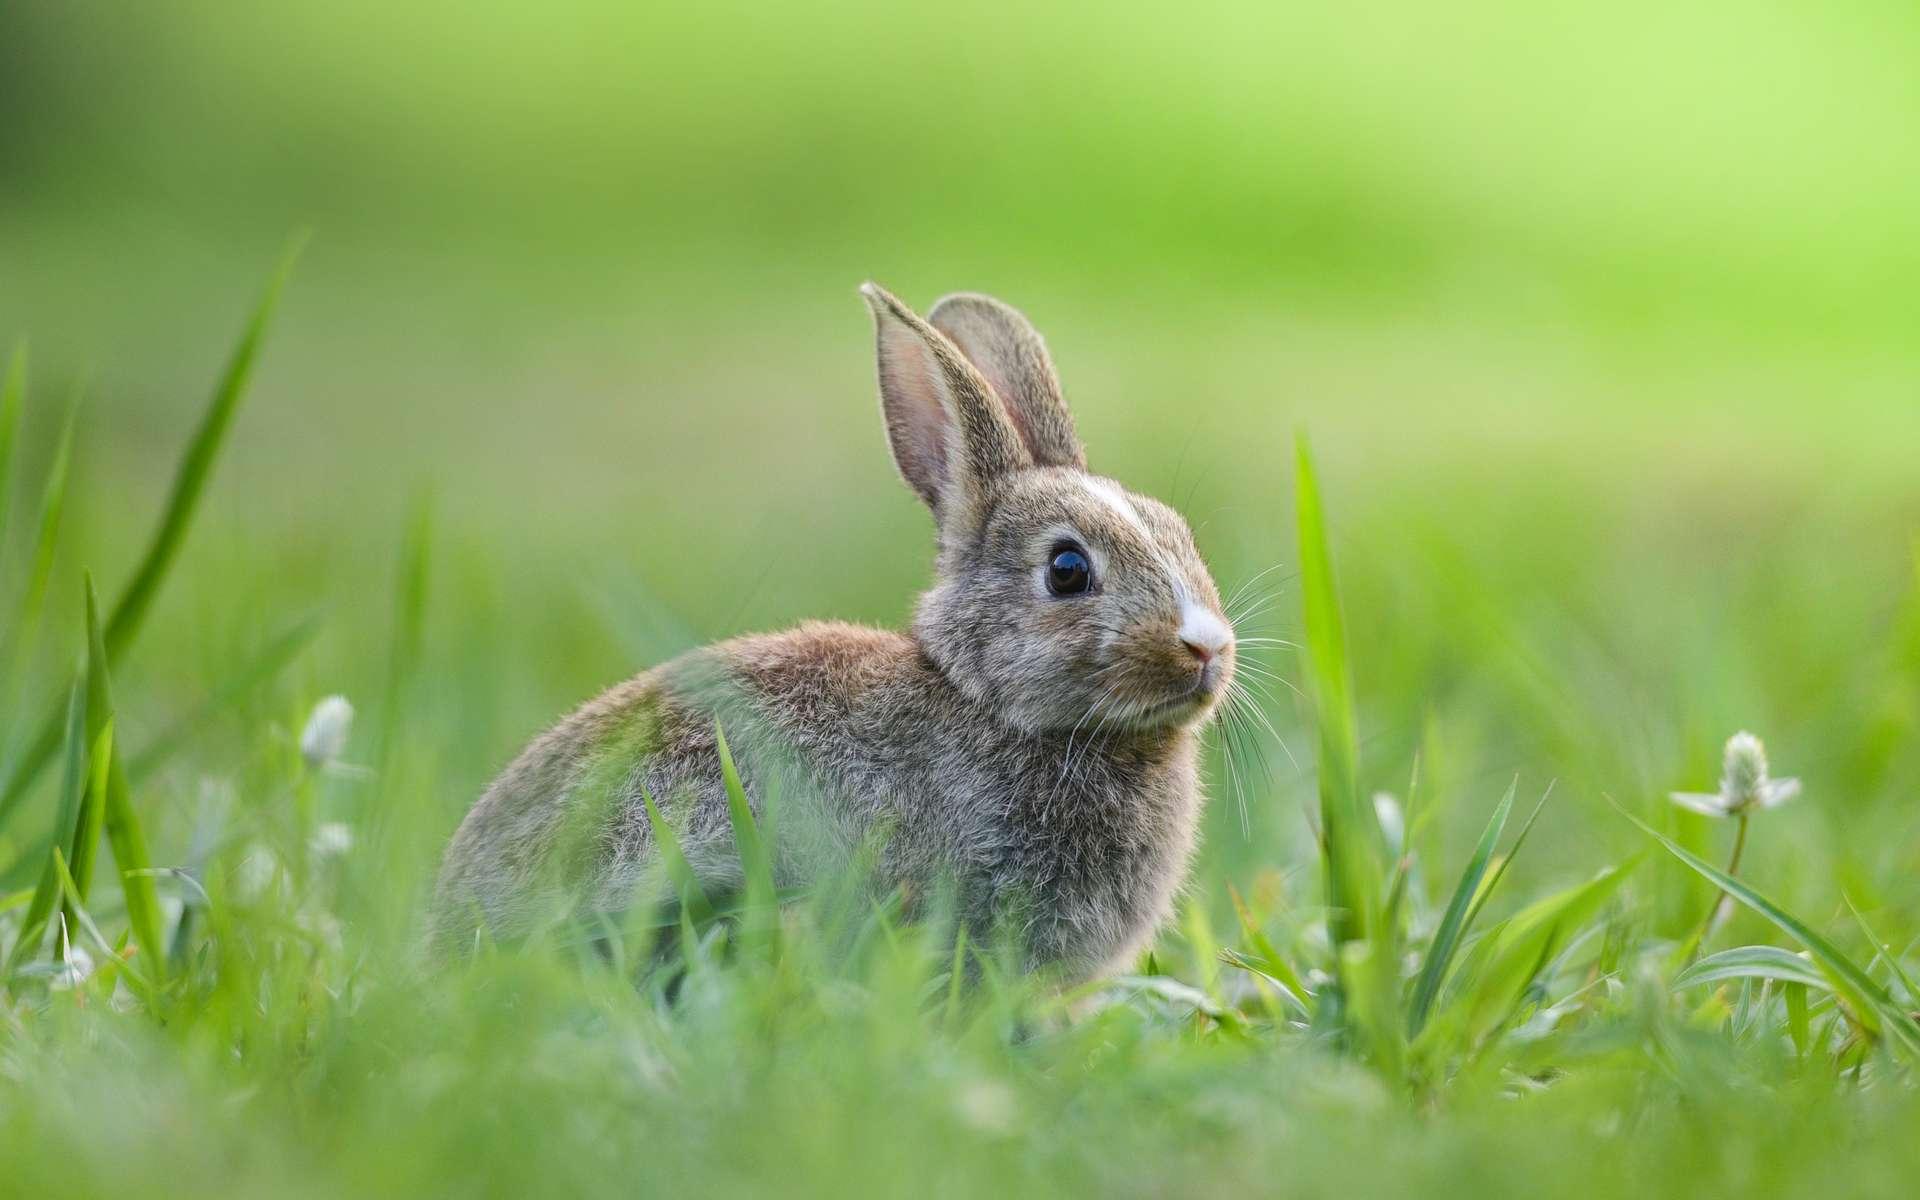 Le lapin, herbivore, est un consommateur primaire. © Engdao, Adobe Stock